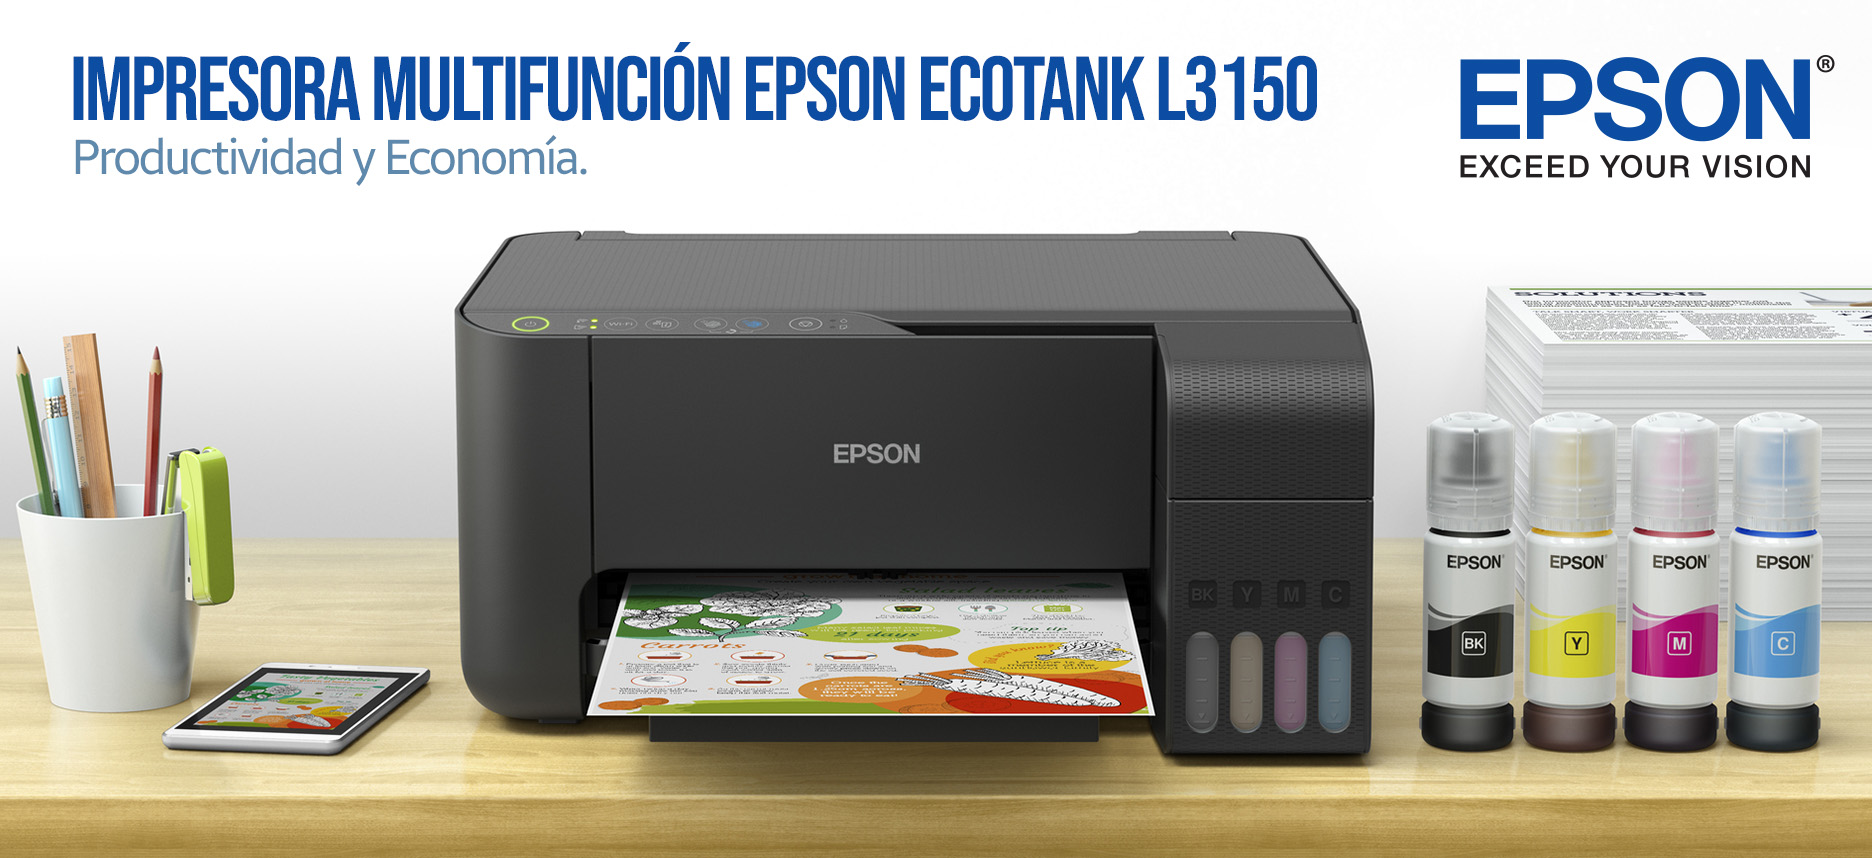 epson 2 v2